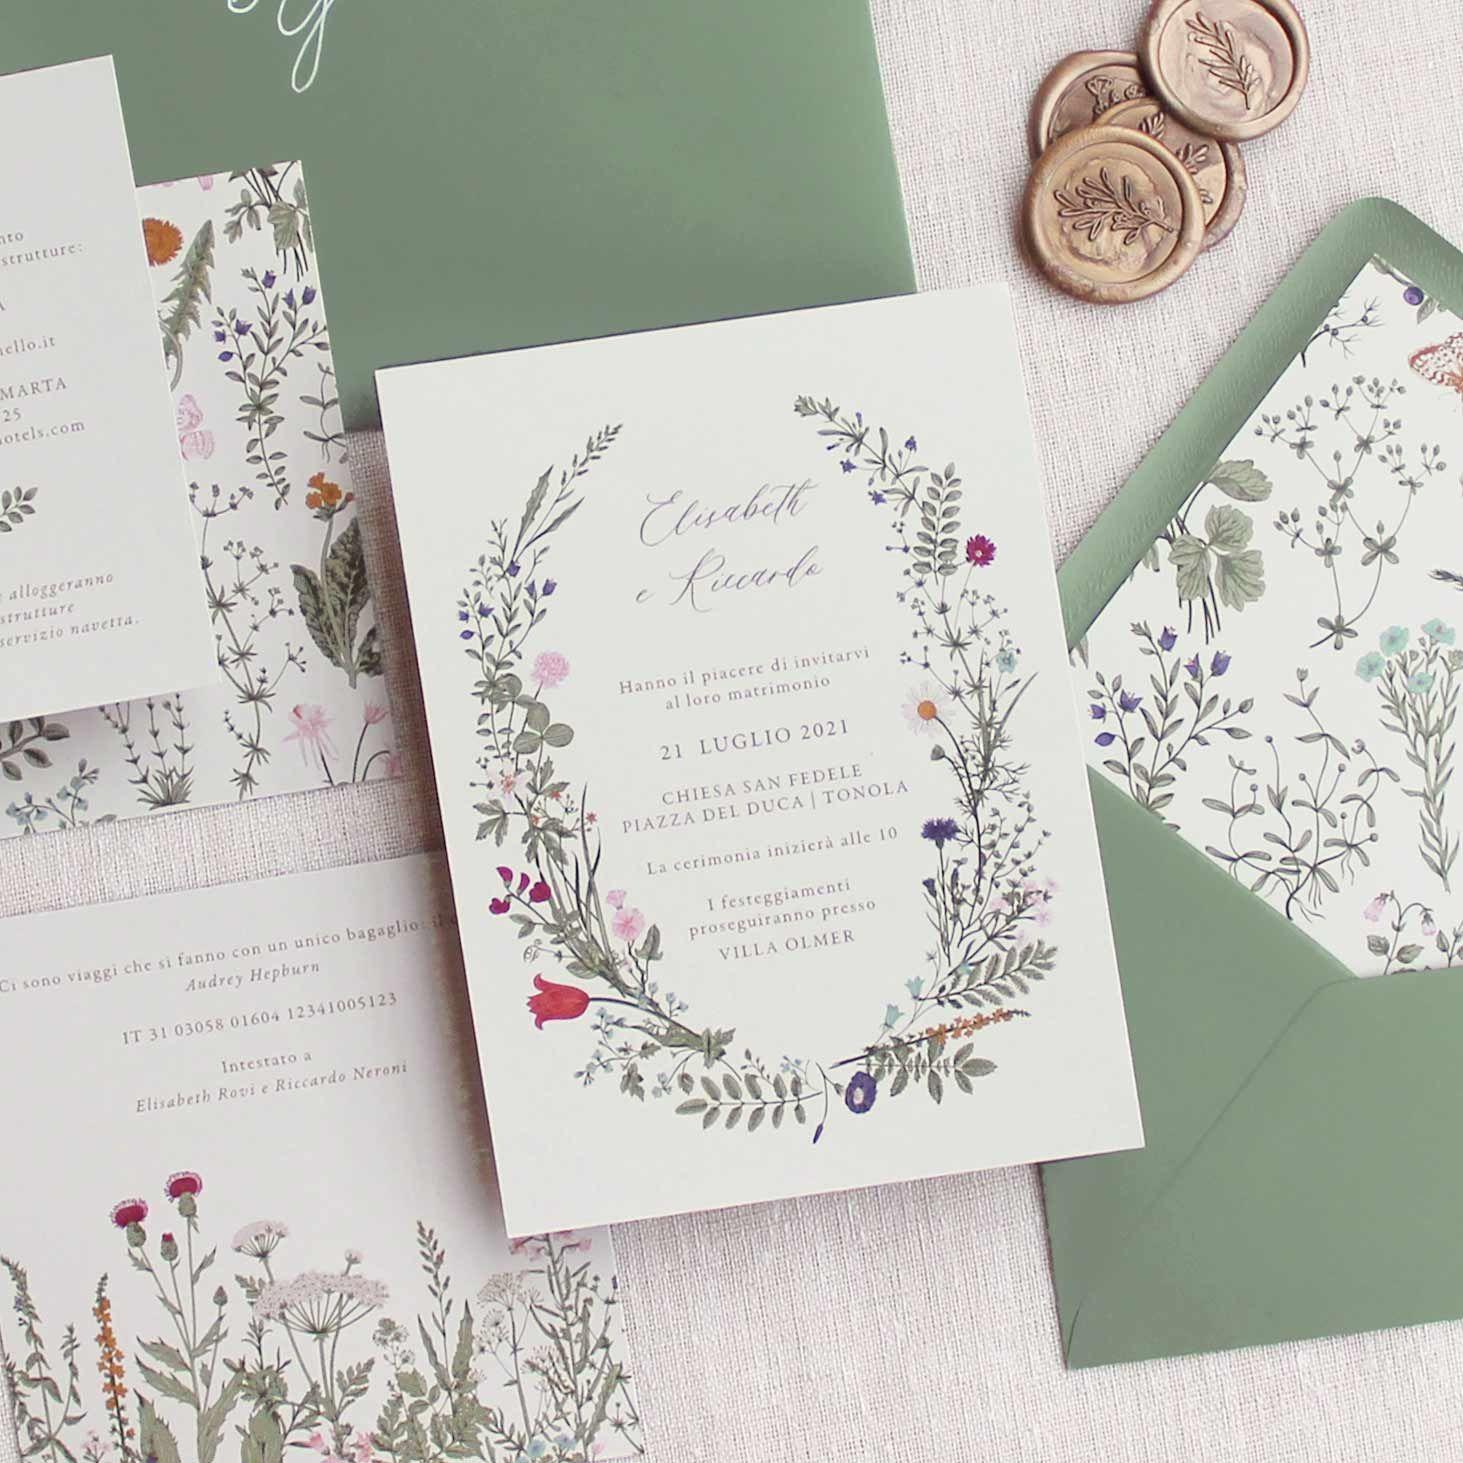 Wildflower Margherite Fiori Secchi Floreale Partecipazioni Inviti Nozze Matrimonio 2021 Sposi Nel 2020 Inviti Di Nozze Matrimonio Con Fiori Partecipazione Di Matrimonio